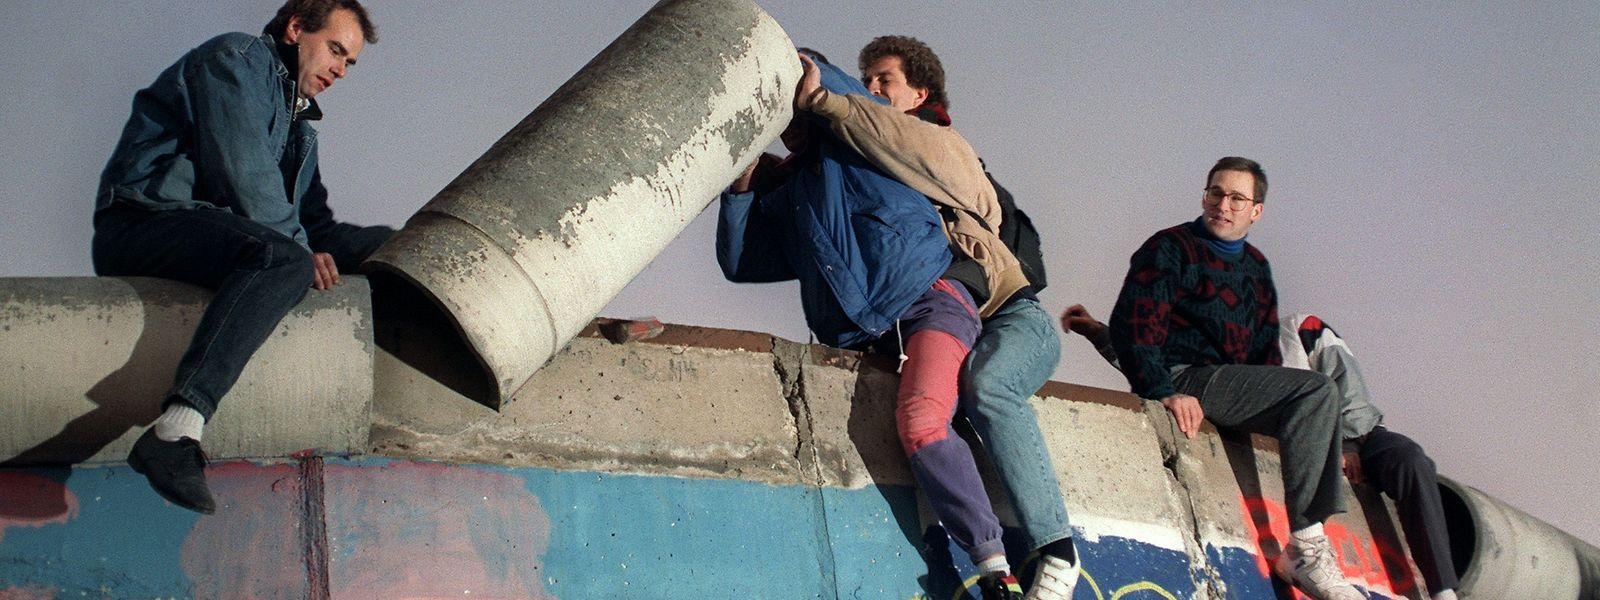 Die Mauer muss weg! Junge Westberliner versuchen am 16. November ein Stück Mauer abzubauen.